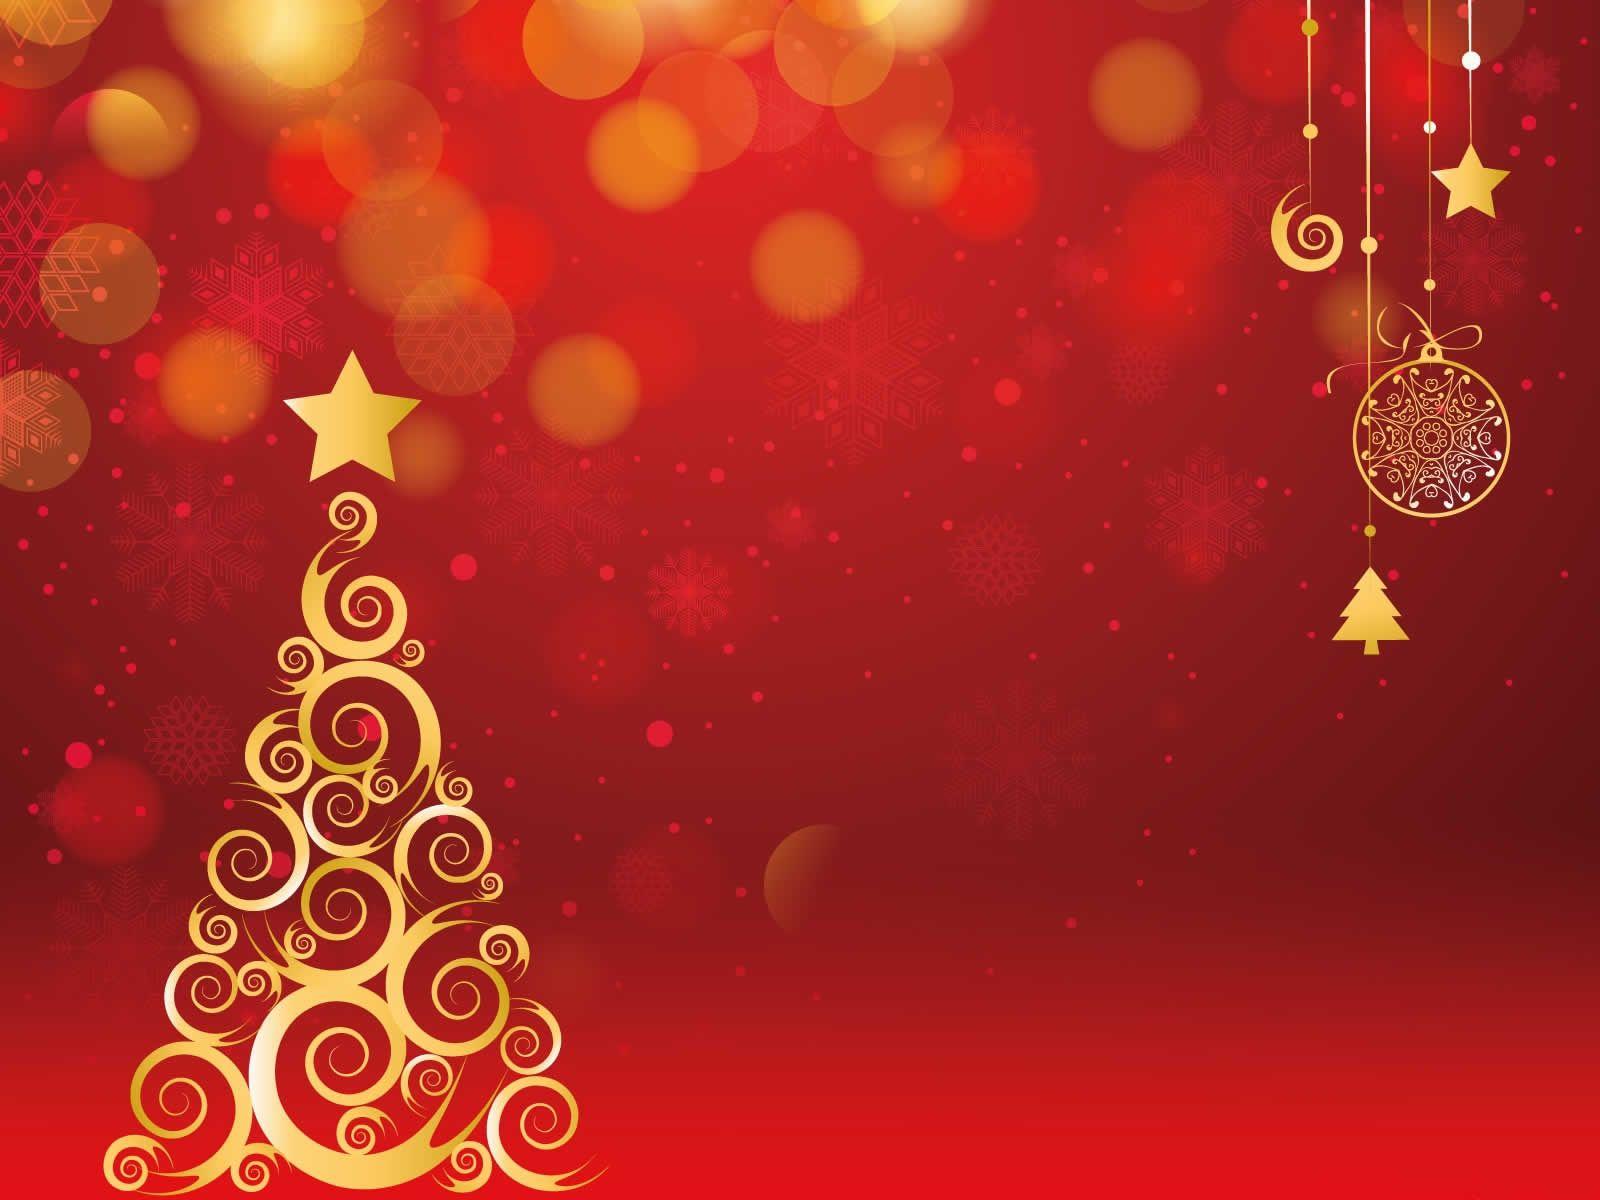 Foto Sfondi Natalizi.Sfondi Natalizi Sfondo Natalizio Decorazioni Albero Di Natale Idee Di Natale